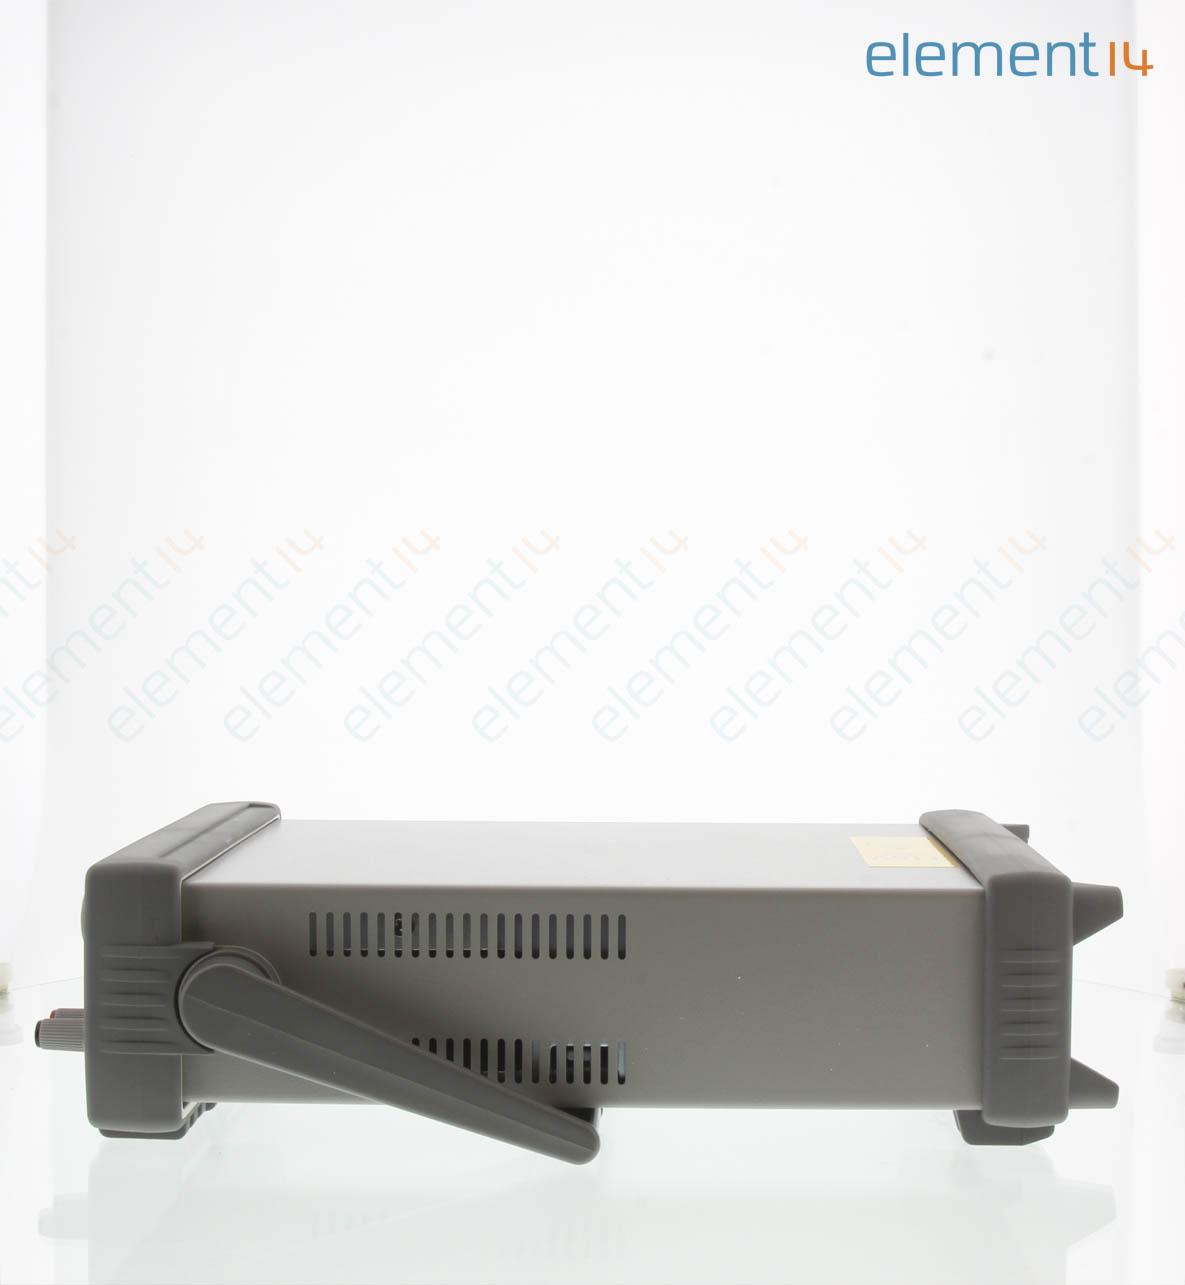 E3644a Keysight Technologies Bench Power Supply Programmable 1 Output 0 V 20 V 4 A 8 A